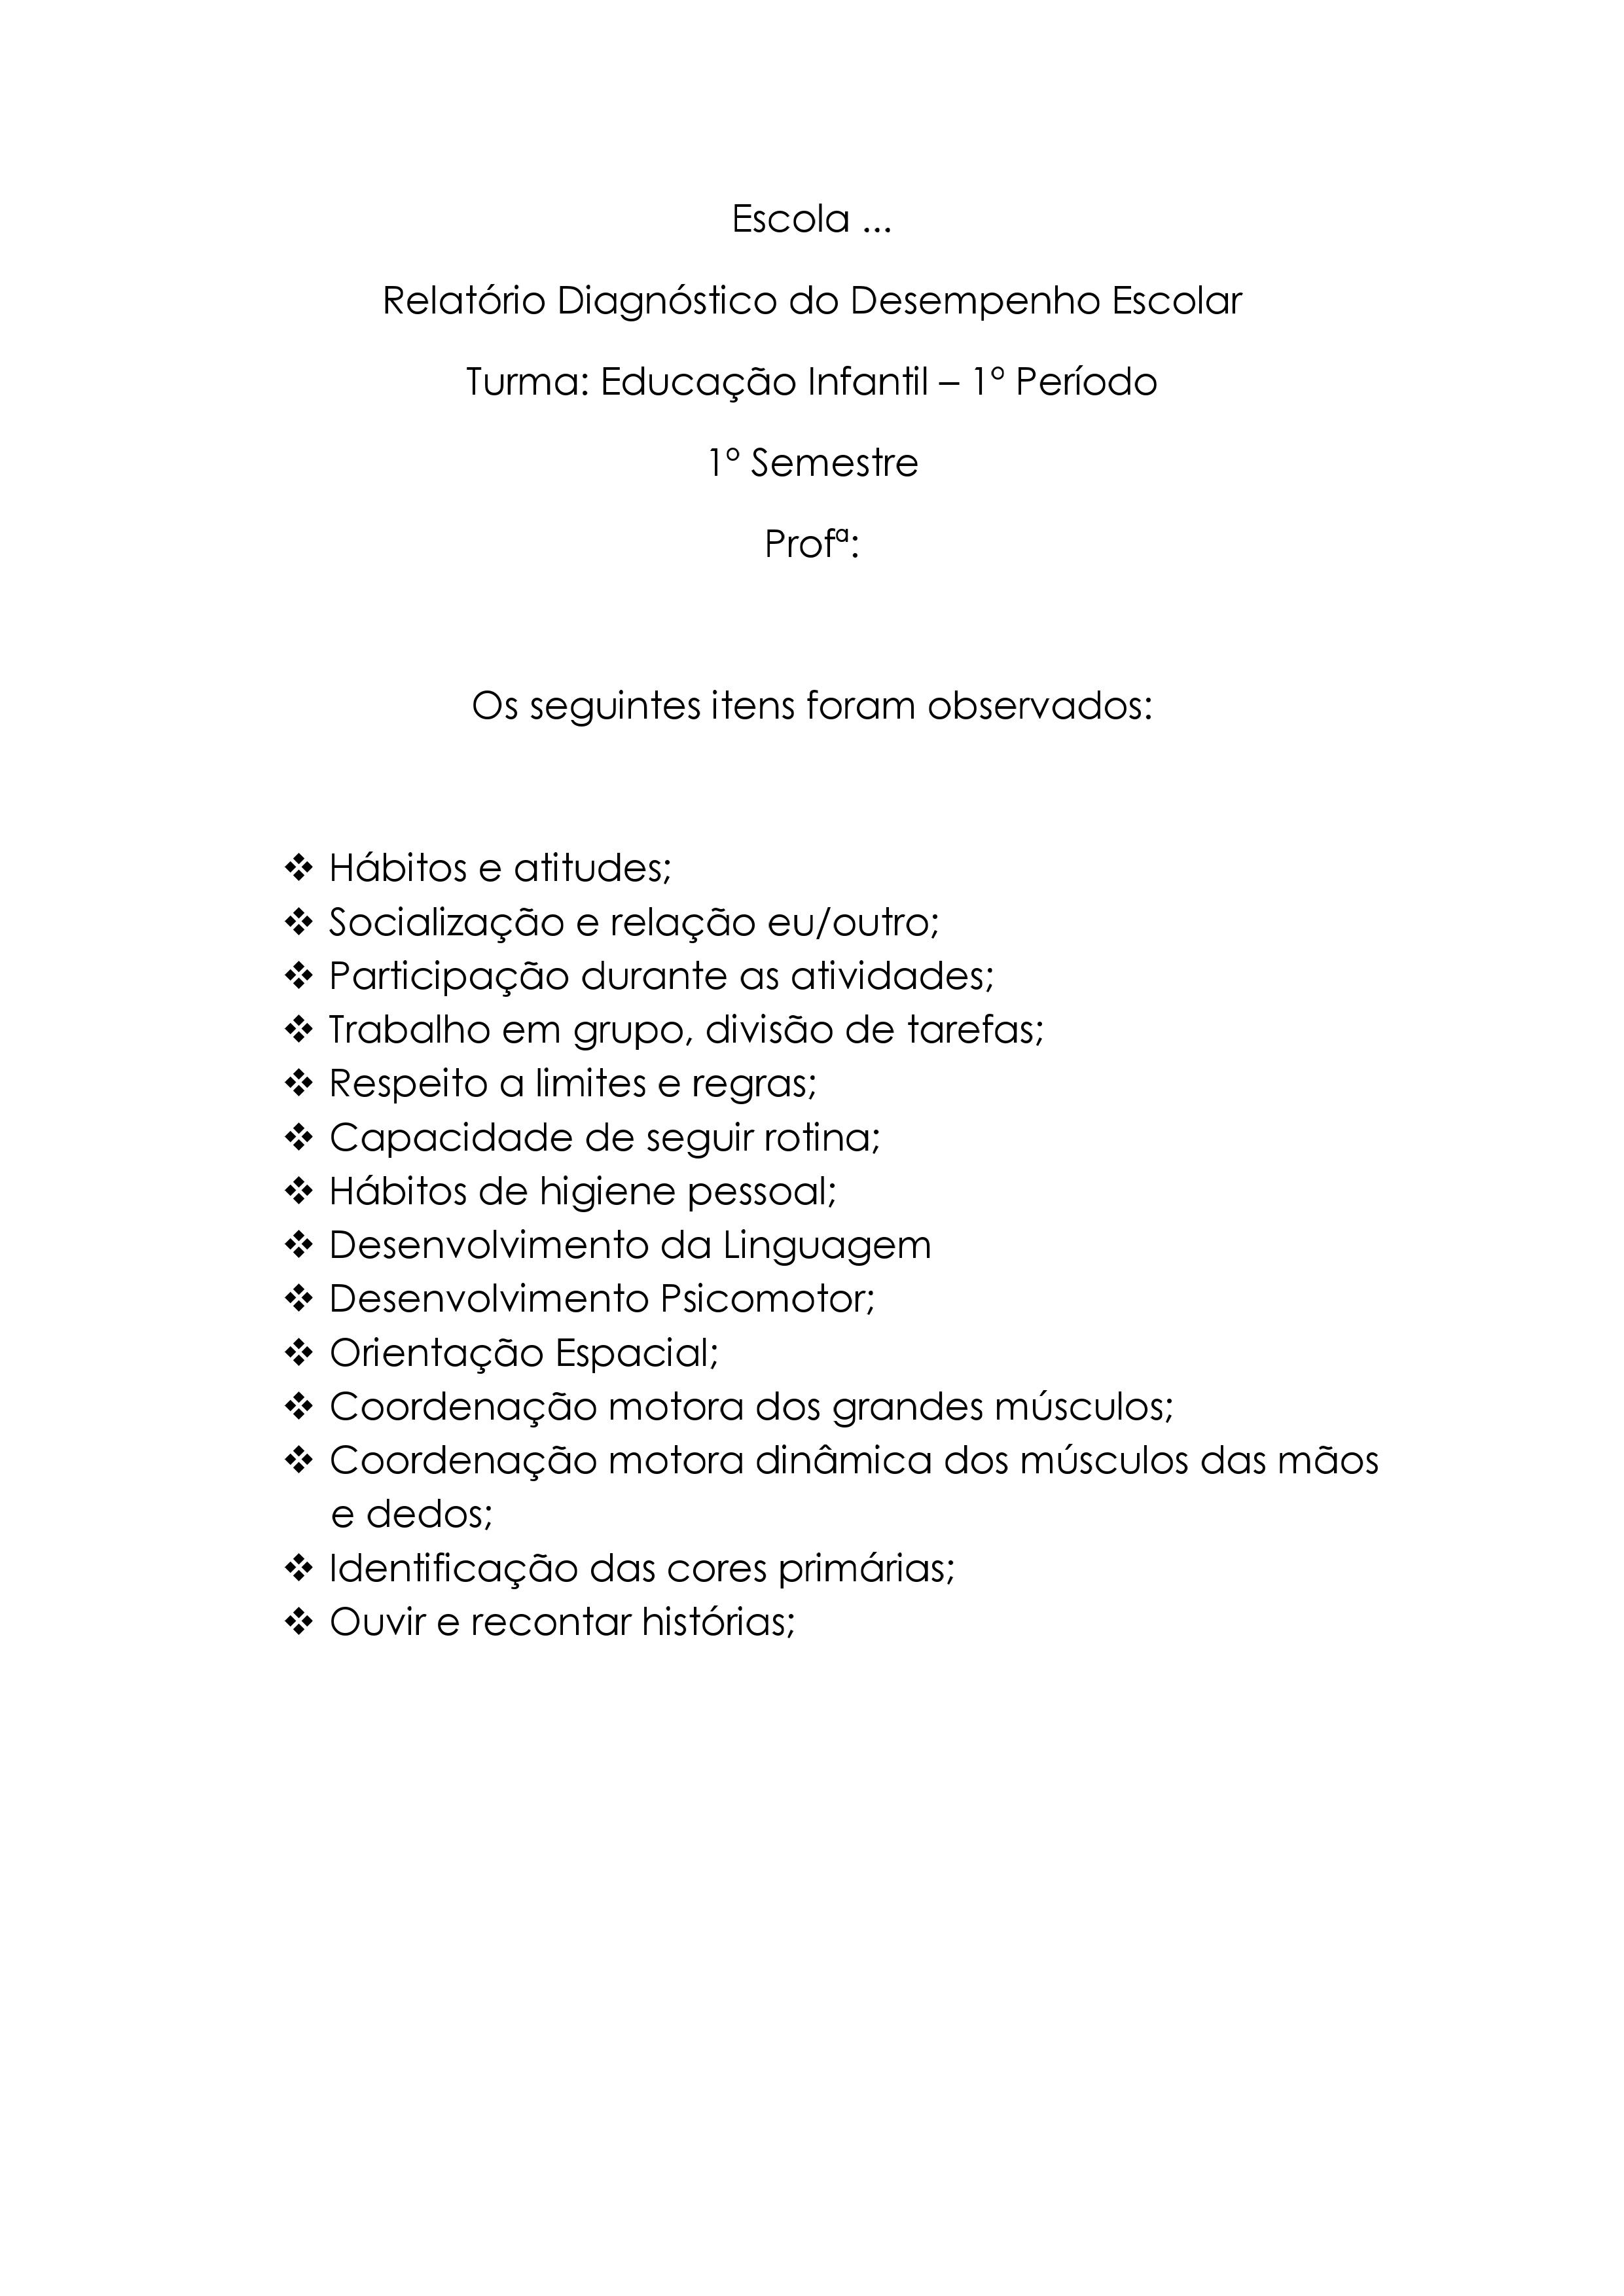 Top Modelo de relatório de avaliação do desempenho escolar QD21